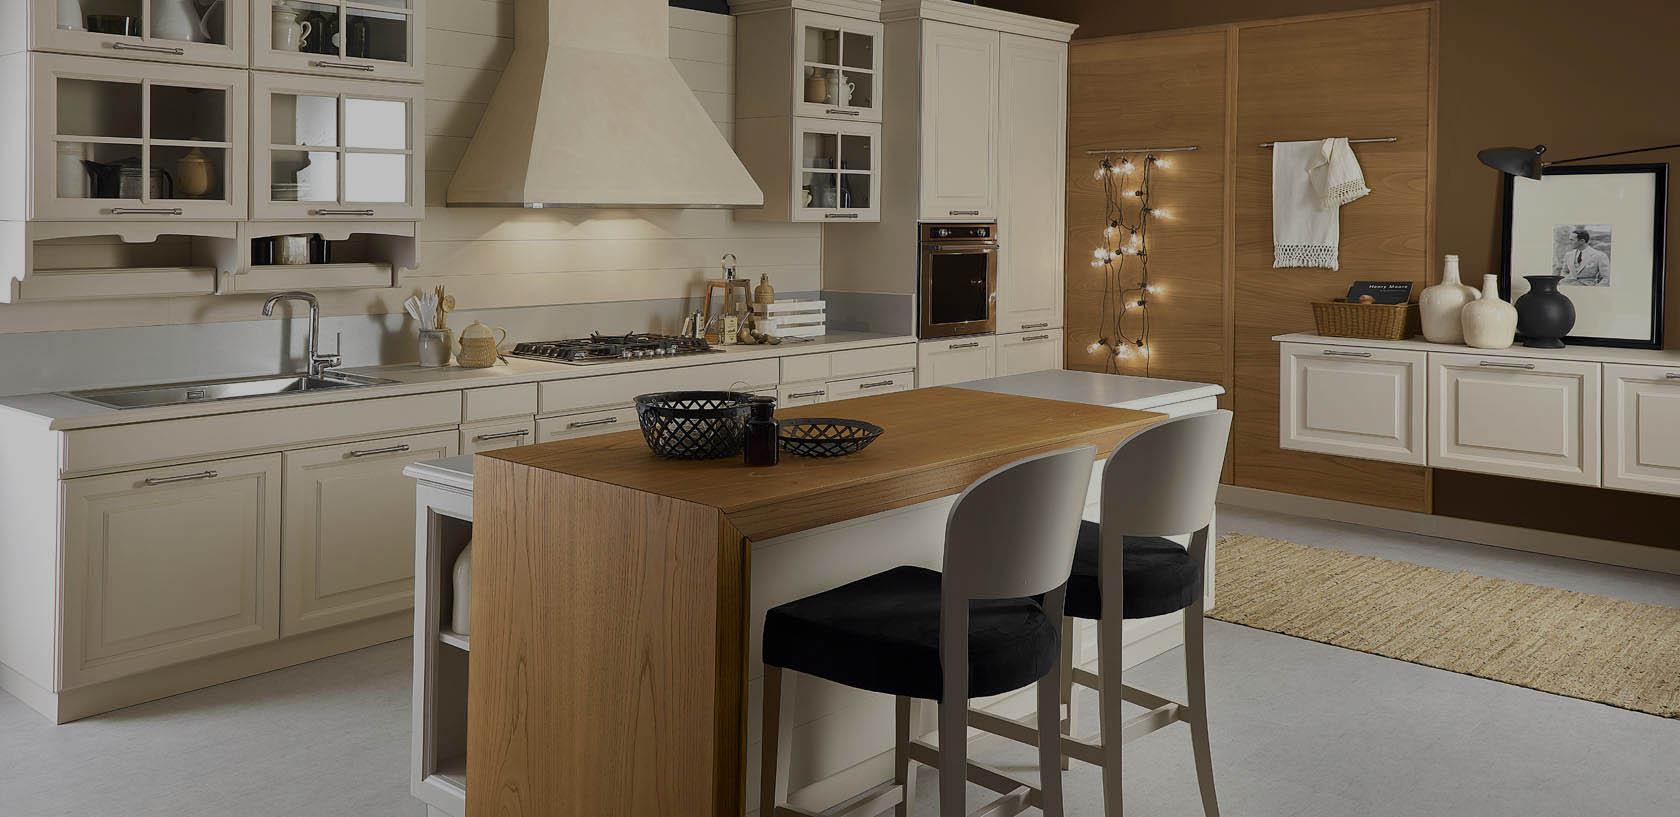 Beautiful esempi di cucine moderne pictures - Esempi di cucine moderne ...